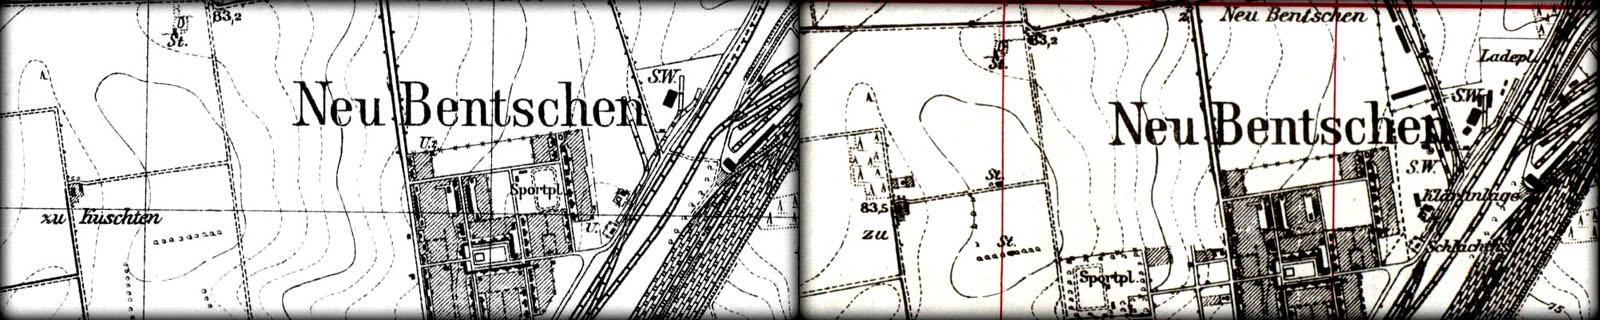 """Mapka z 1929 roku obrazuje nam sytuację w chwili wstrzymania nakładów finansowych na budowę nowego osiedla i drastycznego ograniczenia inwestycji założonych w pierwotnym projekcie. Warto zauważyć że tory na dworcu towarowym kończą się w połowie, pozostawiając nową górkę rozrządową i górną grupę torów w """"zawieszeniu"""". Po prawej mapka z 1944 roku ukazuje miasto (osiedle) w postaci """"końcowej"""". Różni się w stosunku do mapki obok przeniesieniem boiska w inne miejsce, na zachód od głównej ulicy, którą zaczęto uzupełniać planowanymi obiektami, które w większości miały służyć miejscowej ludności, w odróżnieniu od wschodniej strony osiedla, gdzie kwaterowano pracujących na węźle pmieszkańców Zbąszynka."""